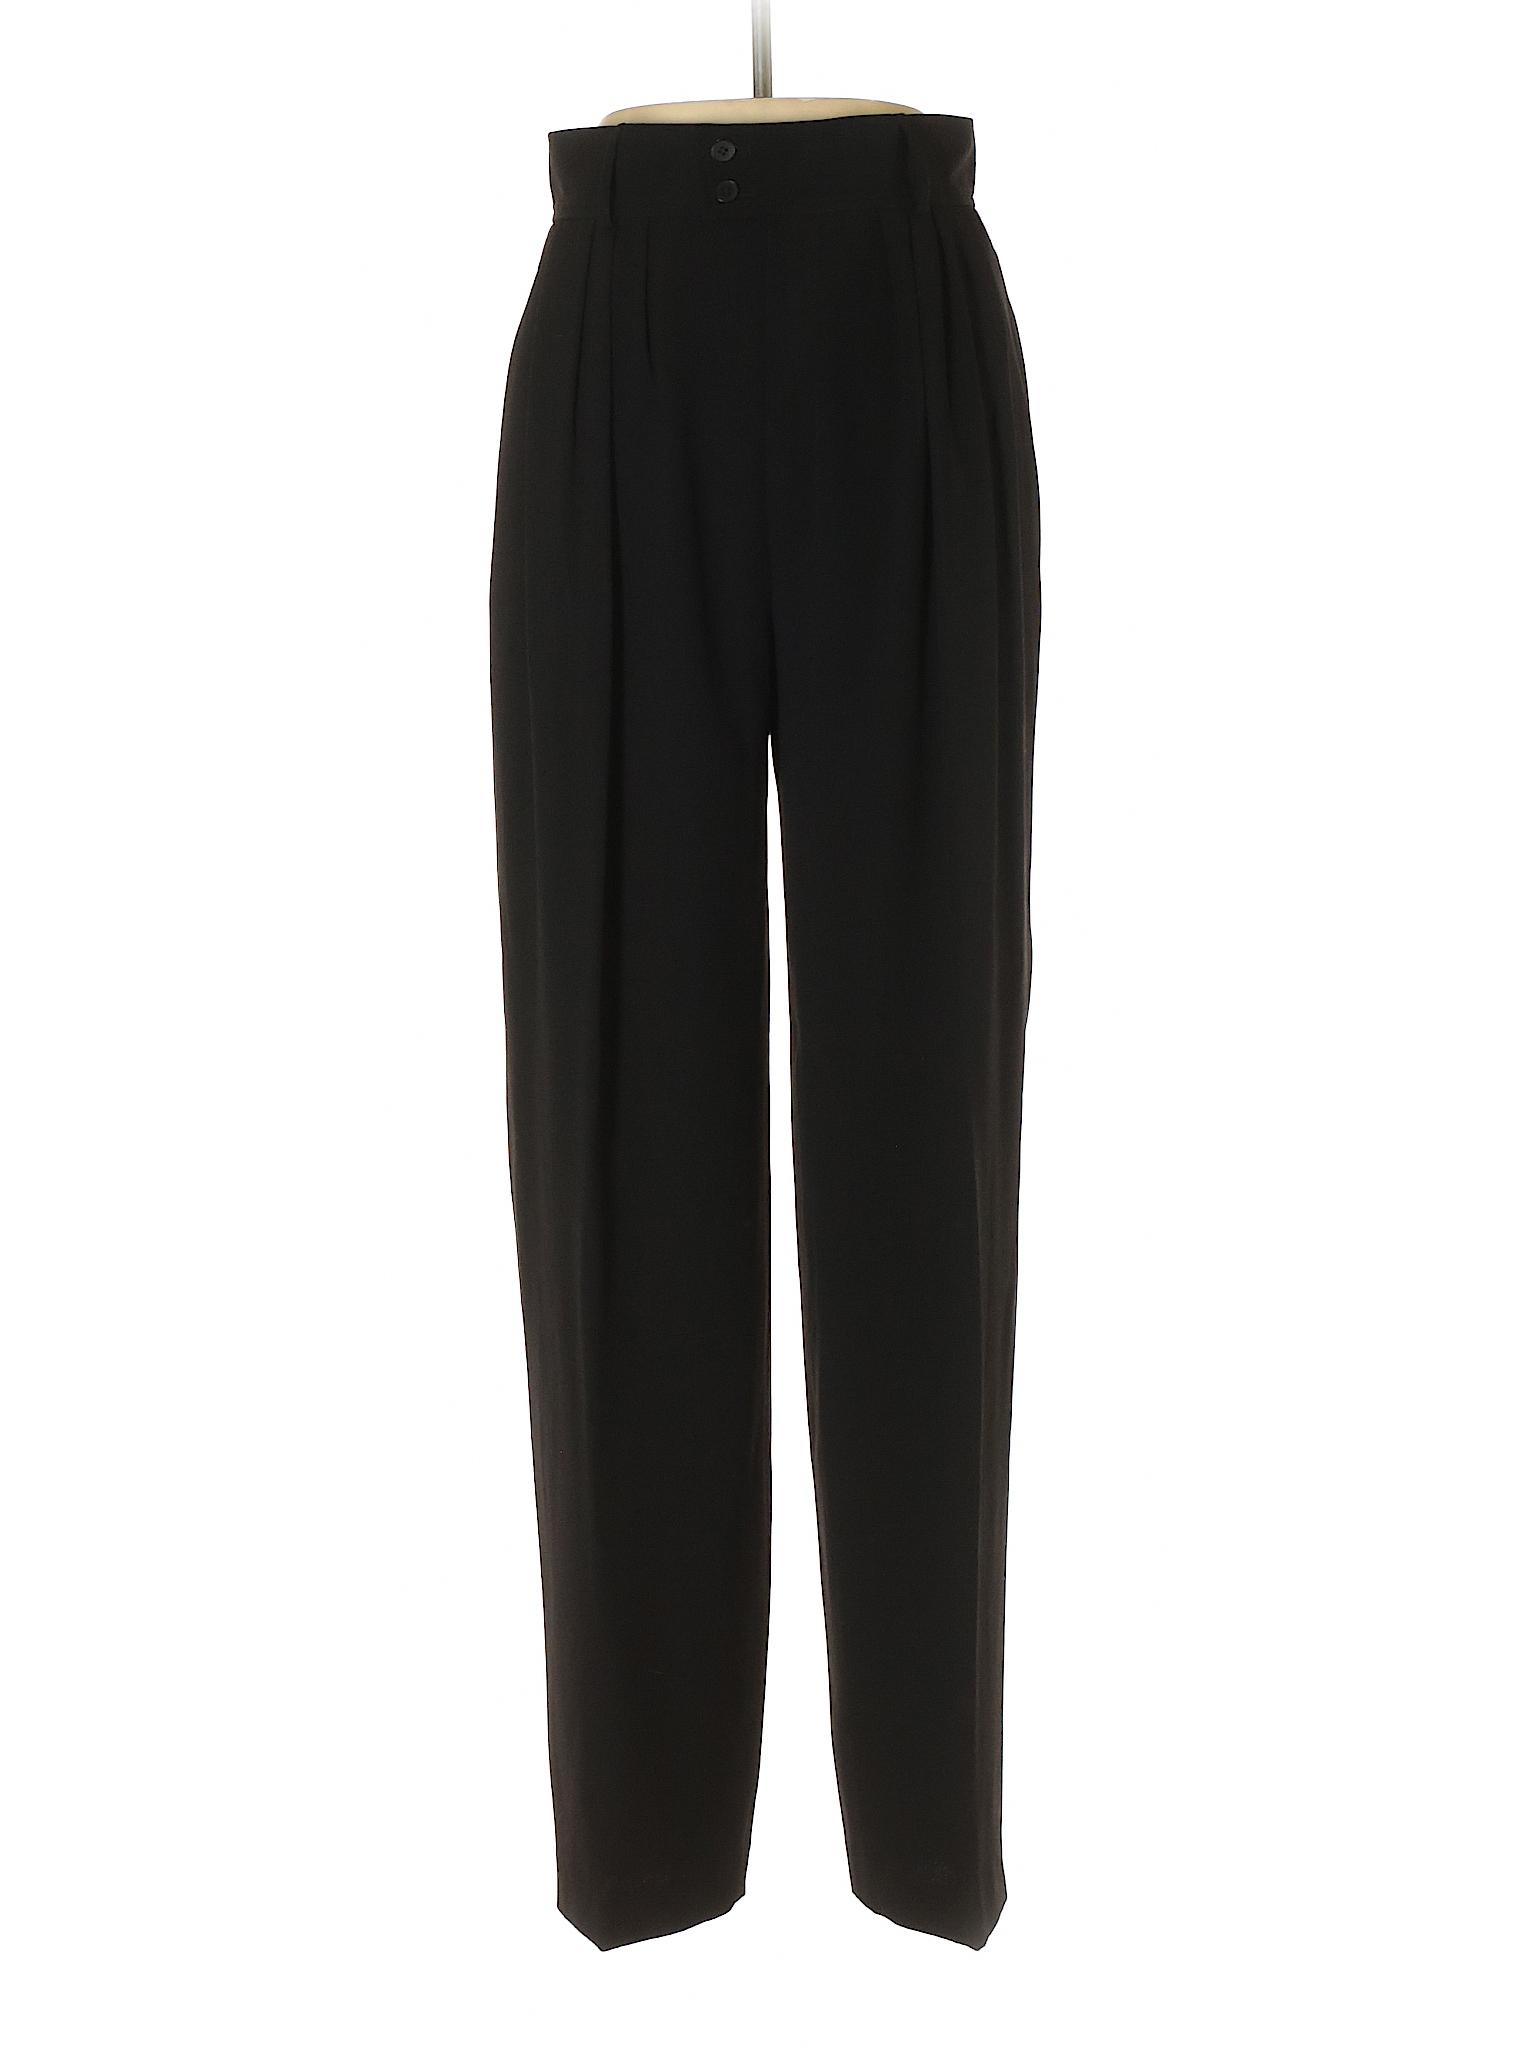 Yves saint laurent rive gauche solid black dress pants for Bureau yves saint laurent